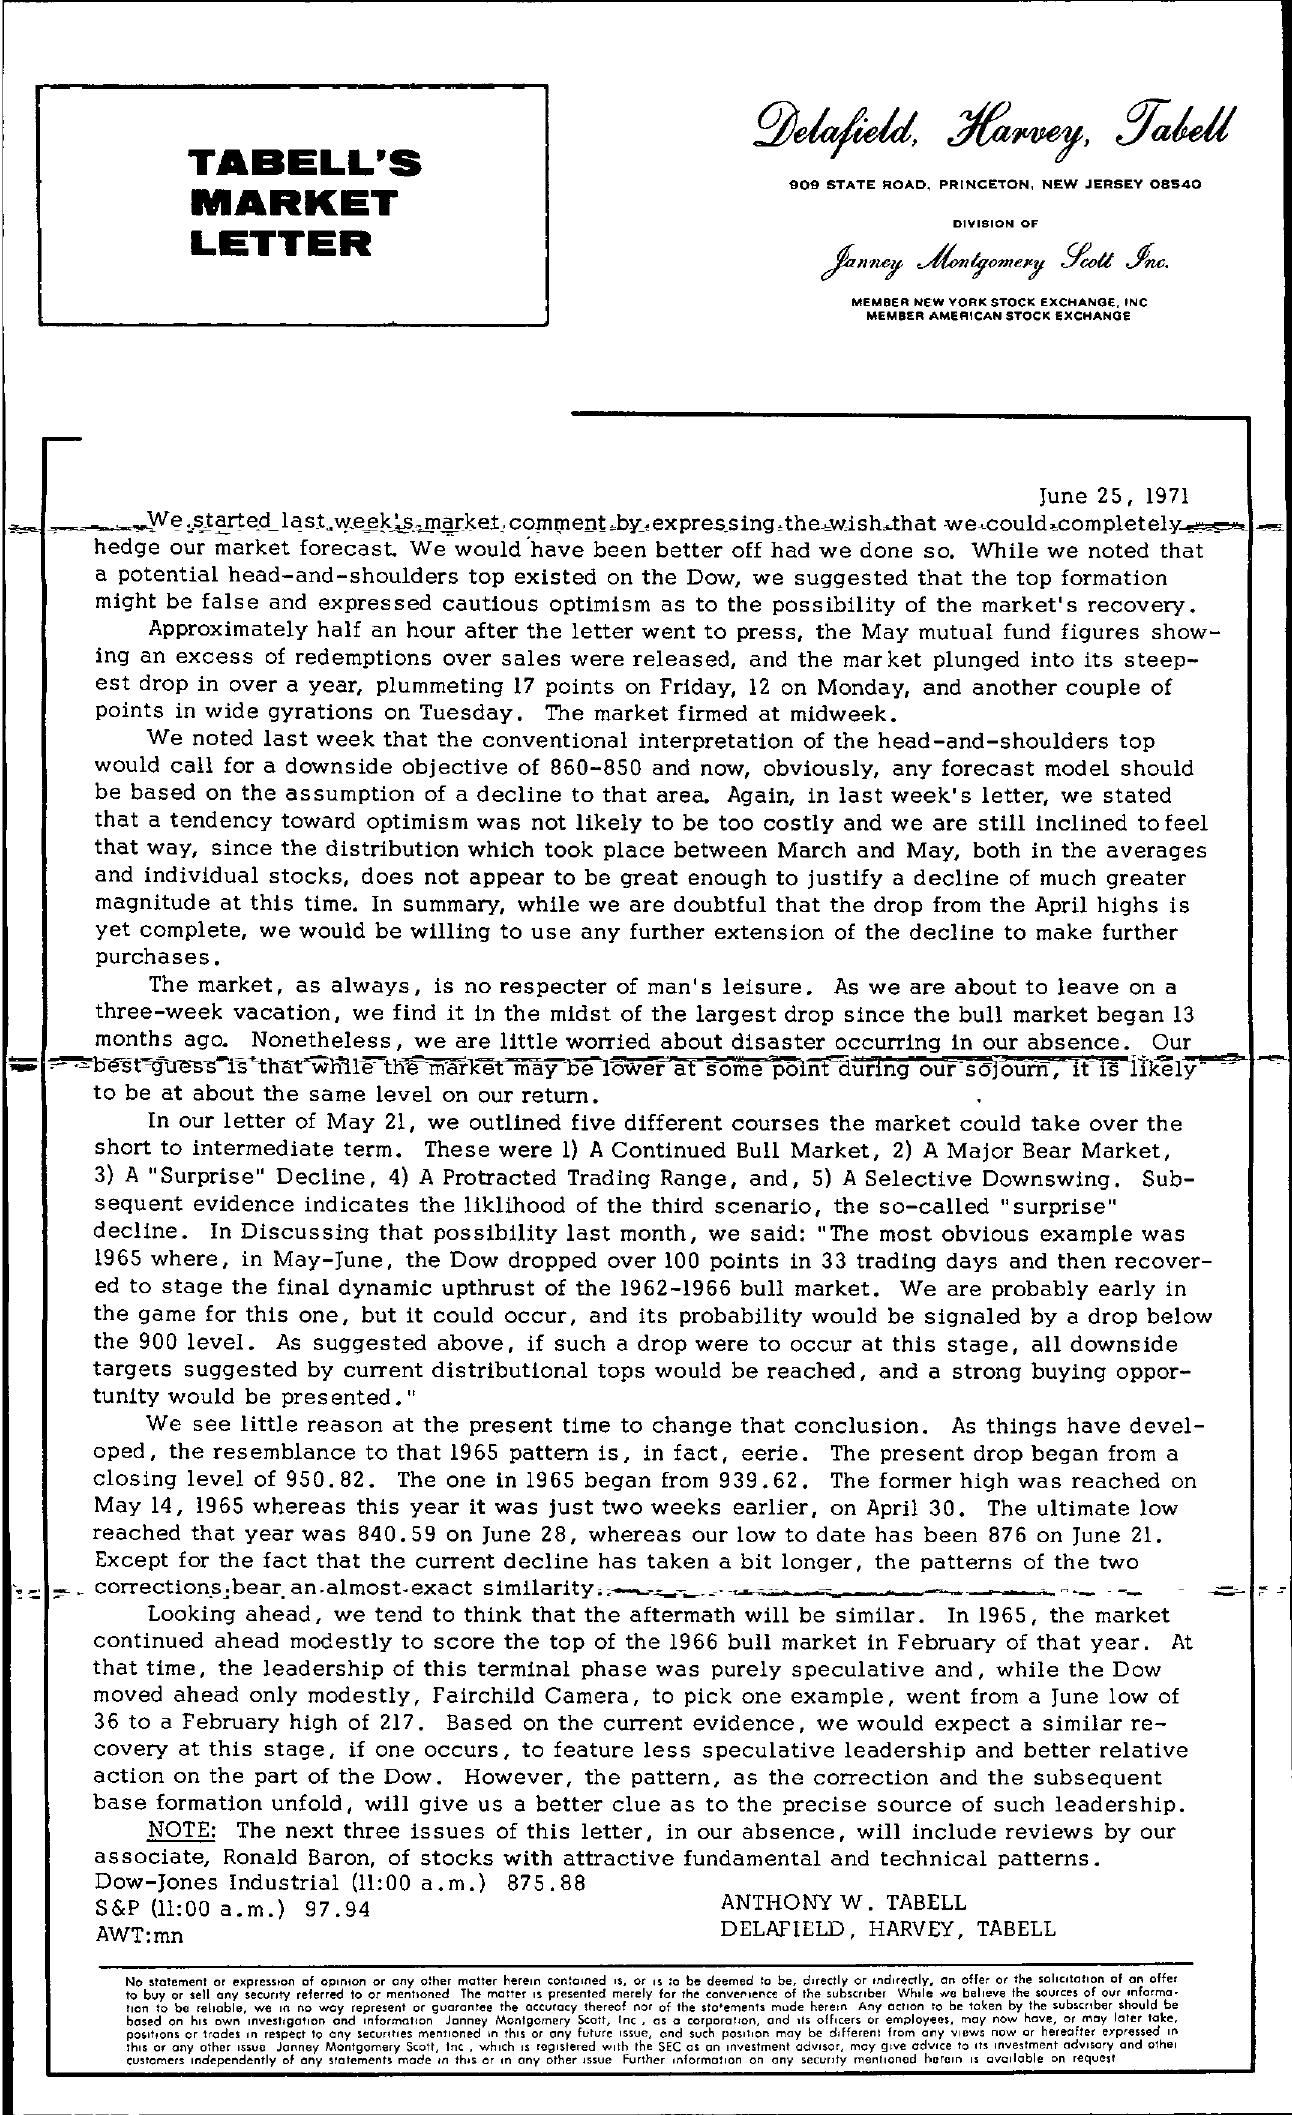 Tabell's Market Letter - June 25, 1971